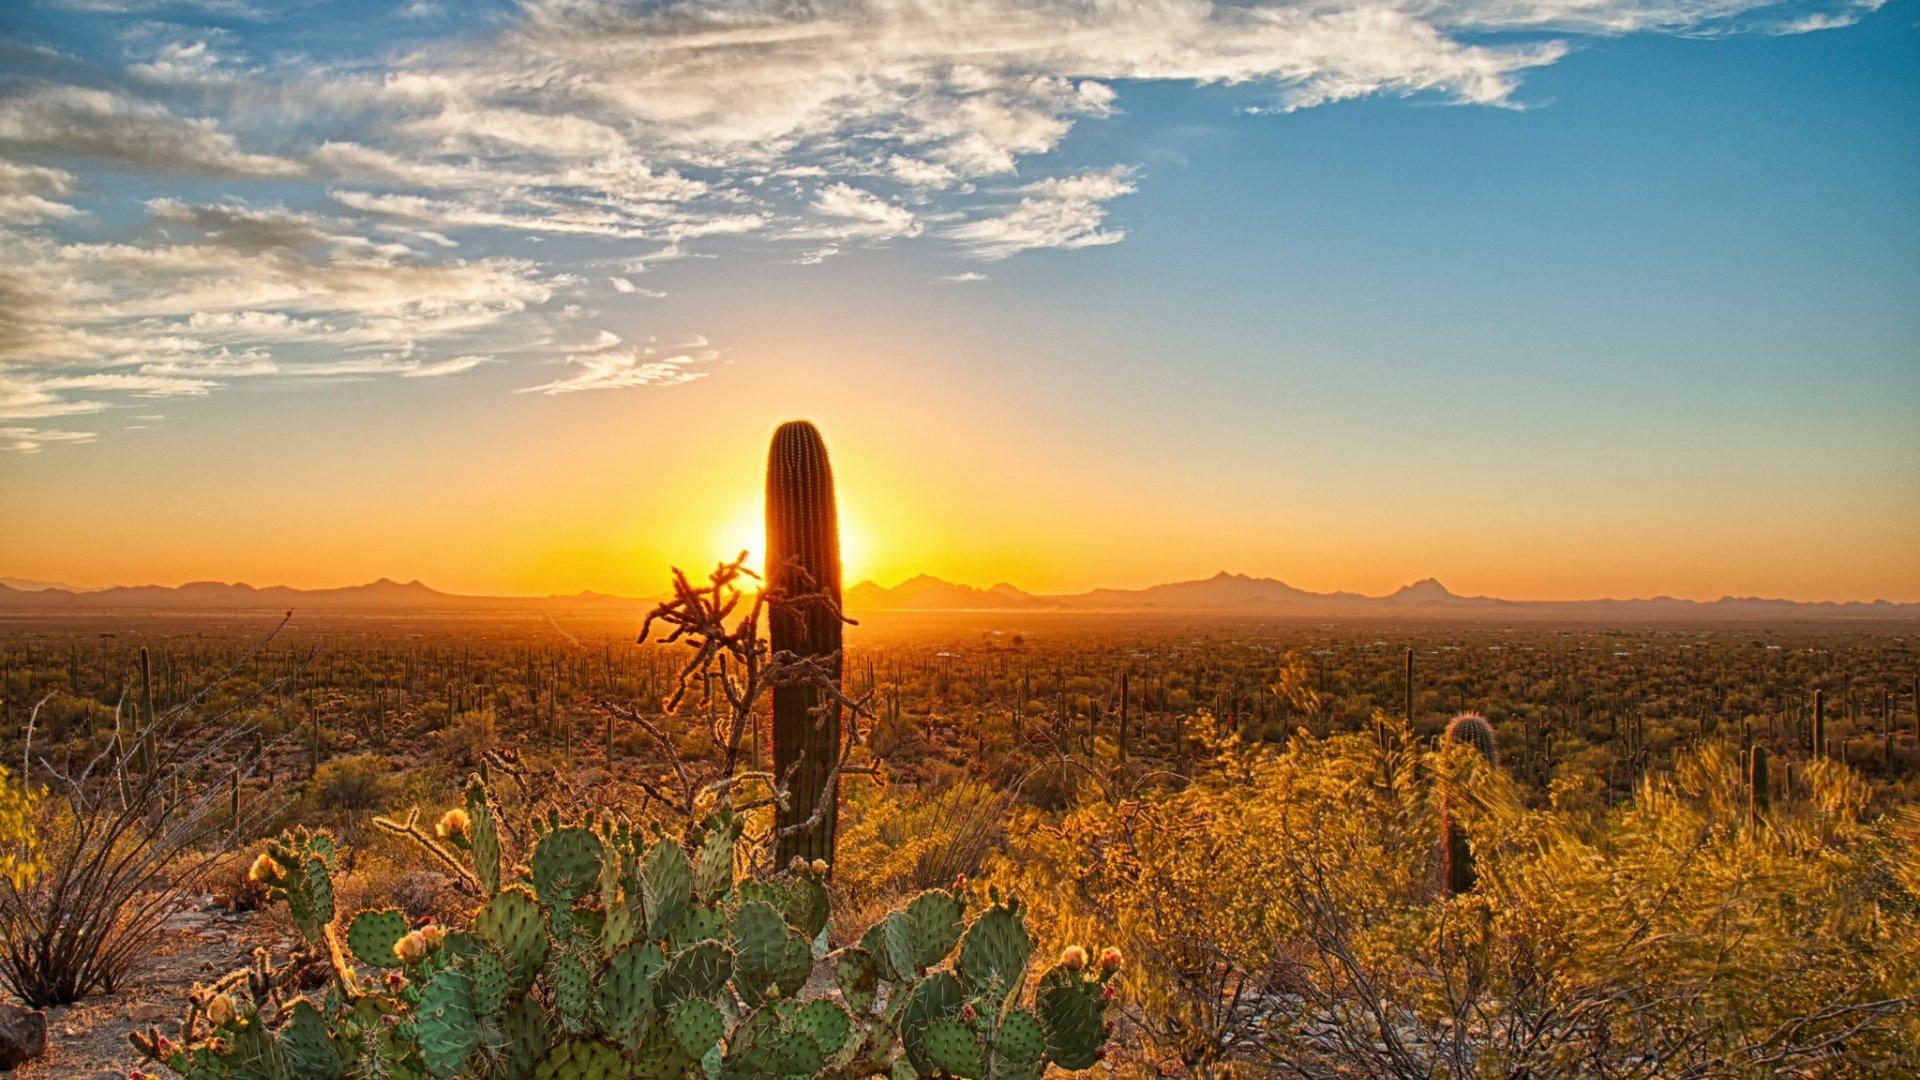 Klicke auf die Grafik für eine größere Ansicht  Name:nature_deserts_wallpapers_landscapes_1920x1080.jpg Hits:387 Größe:397,4 KB ID:78704